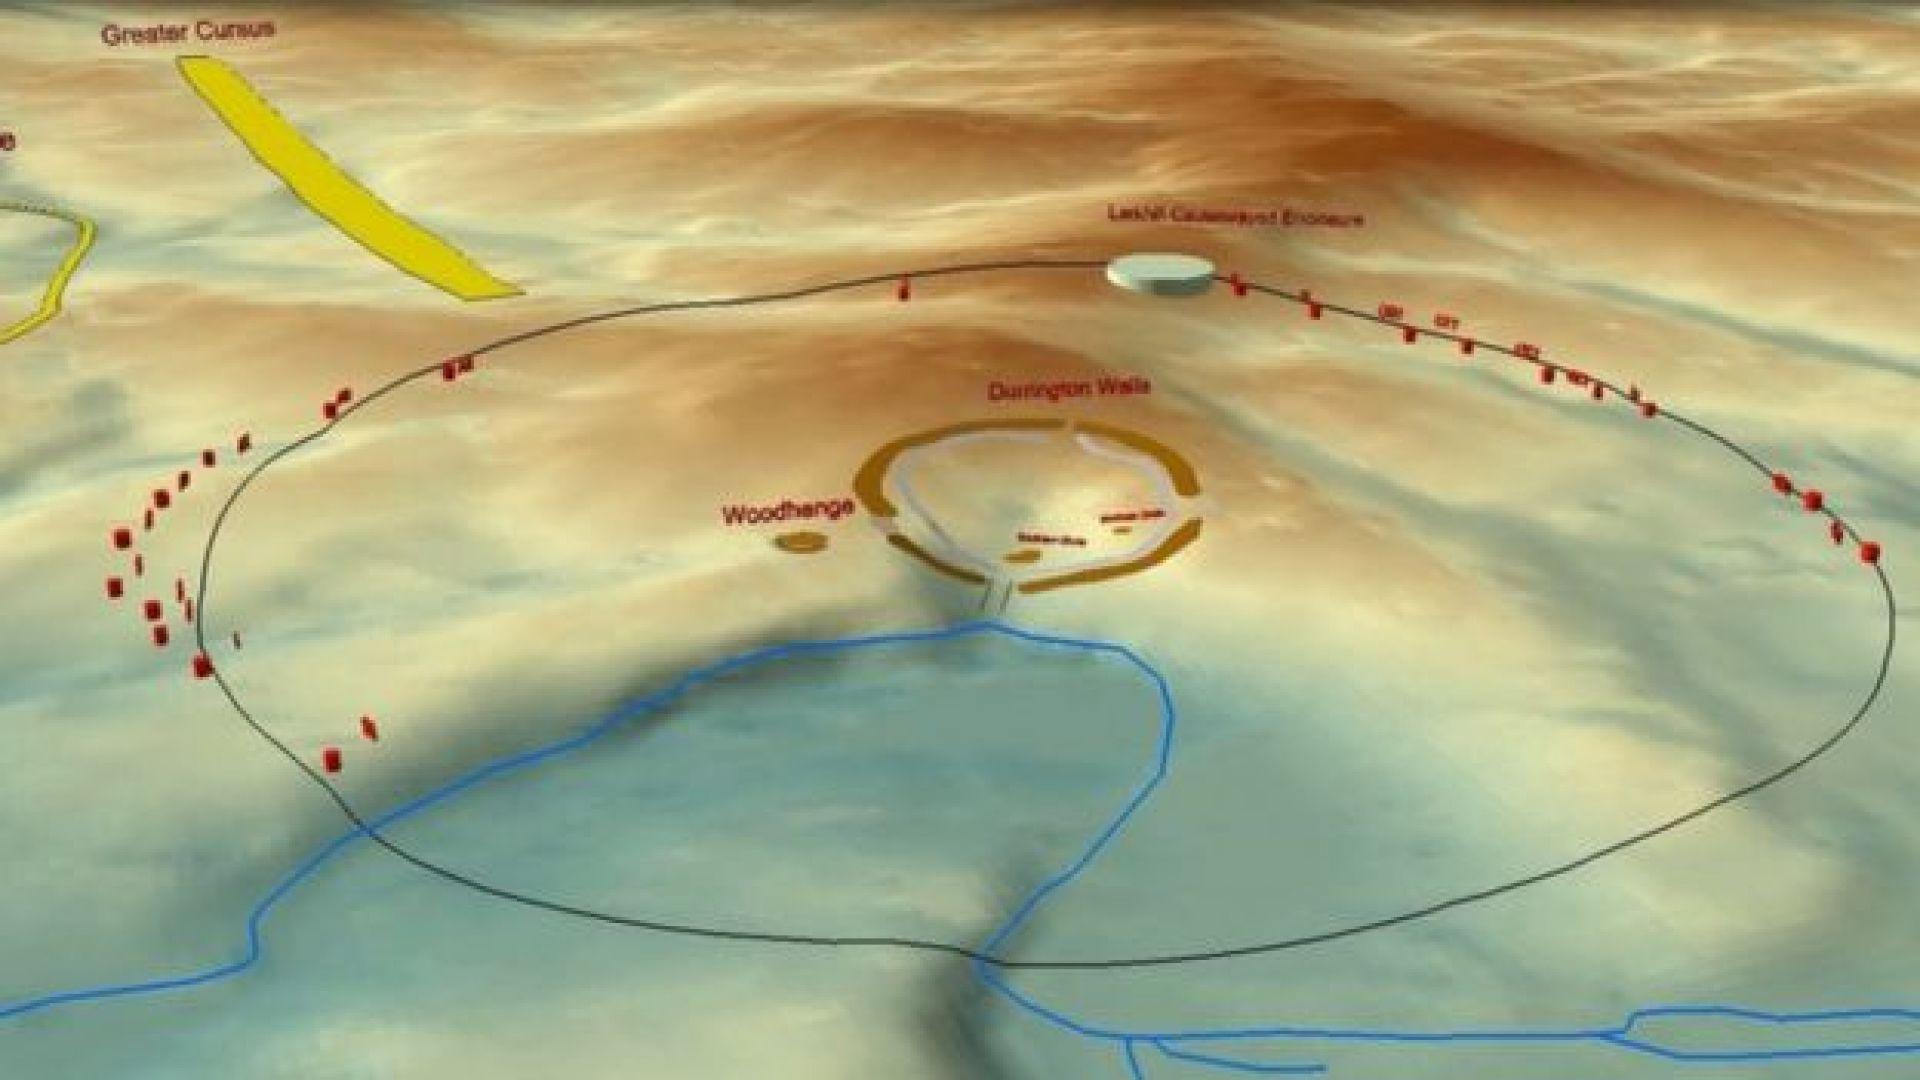 Откриха гигантски кръг от шахти близо до Стоунхендж (видео)